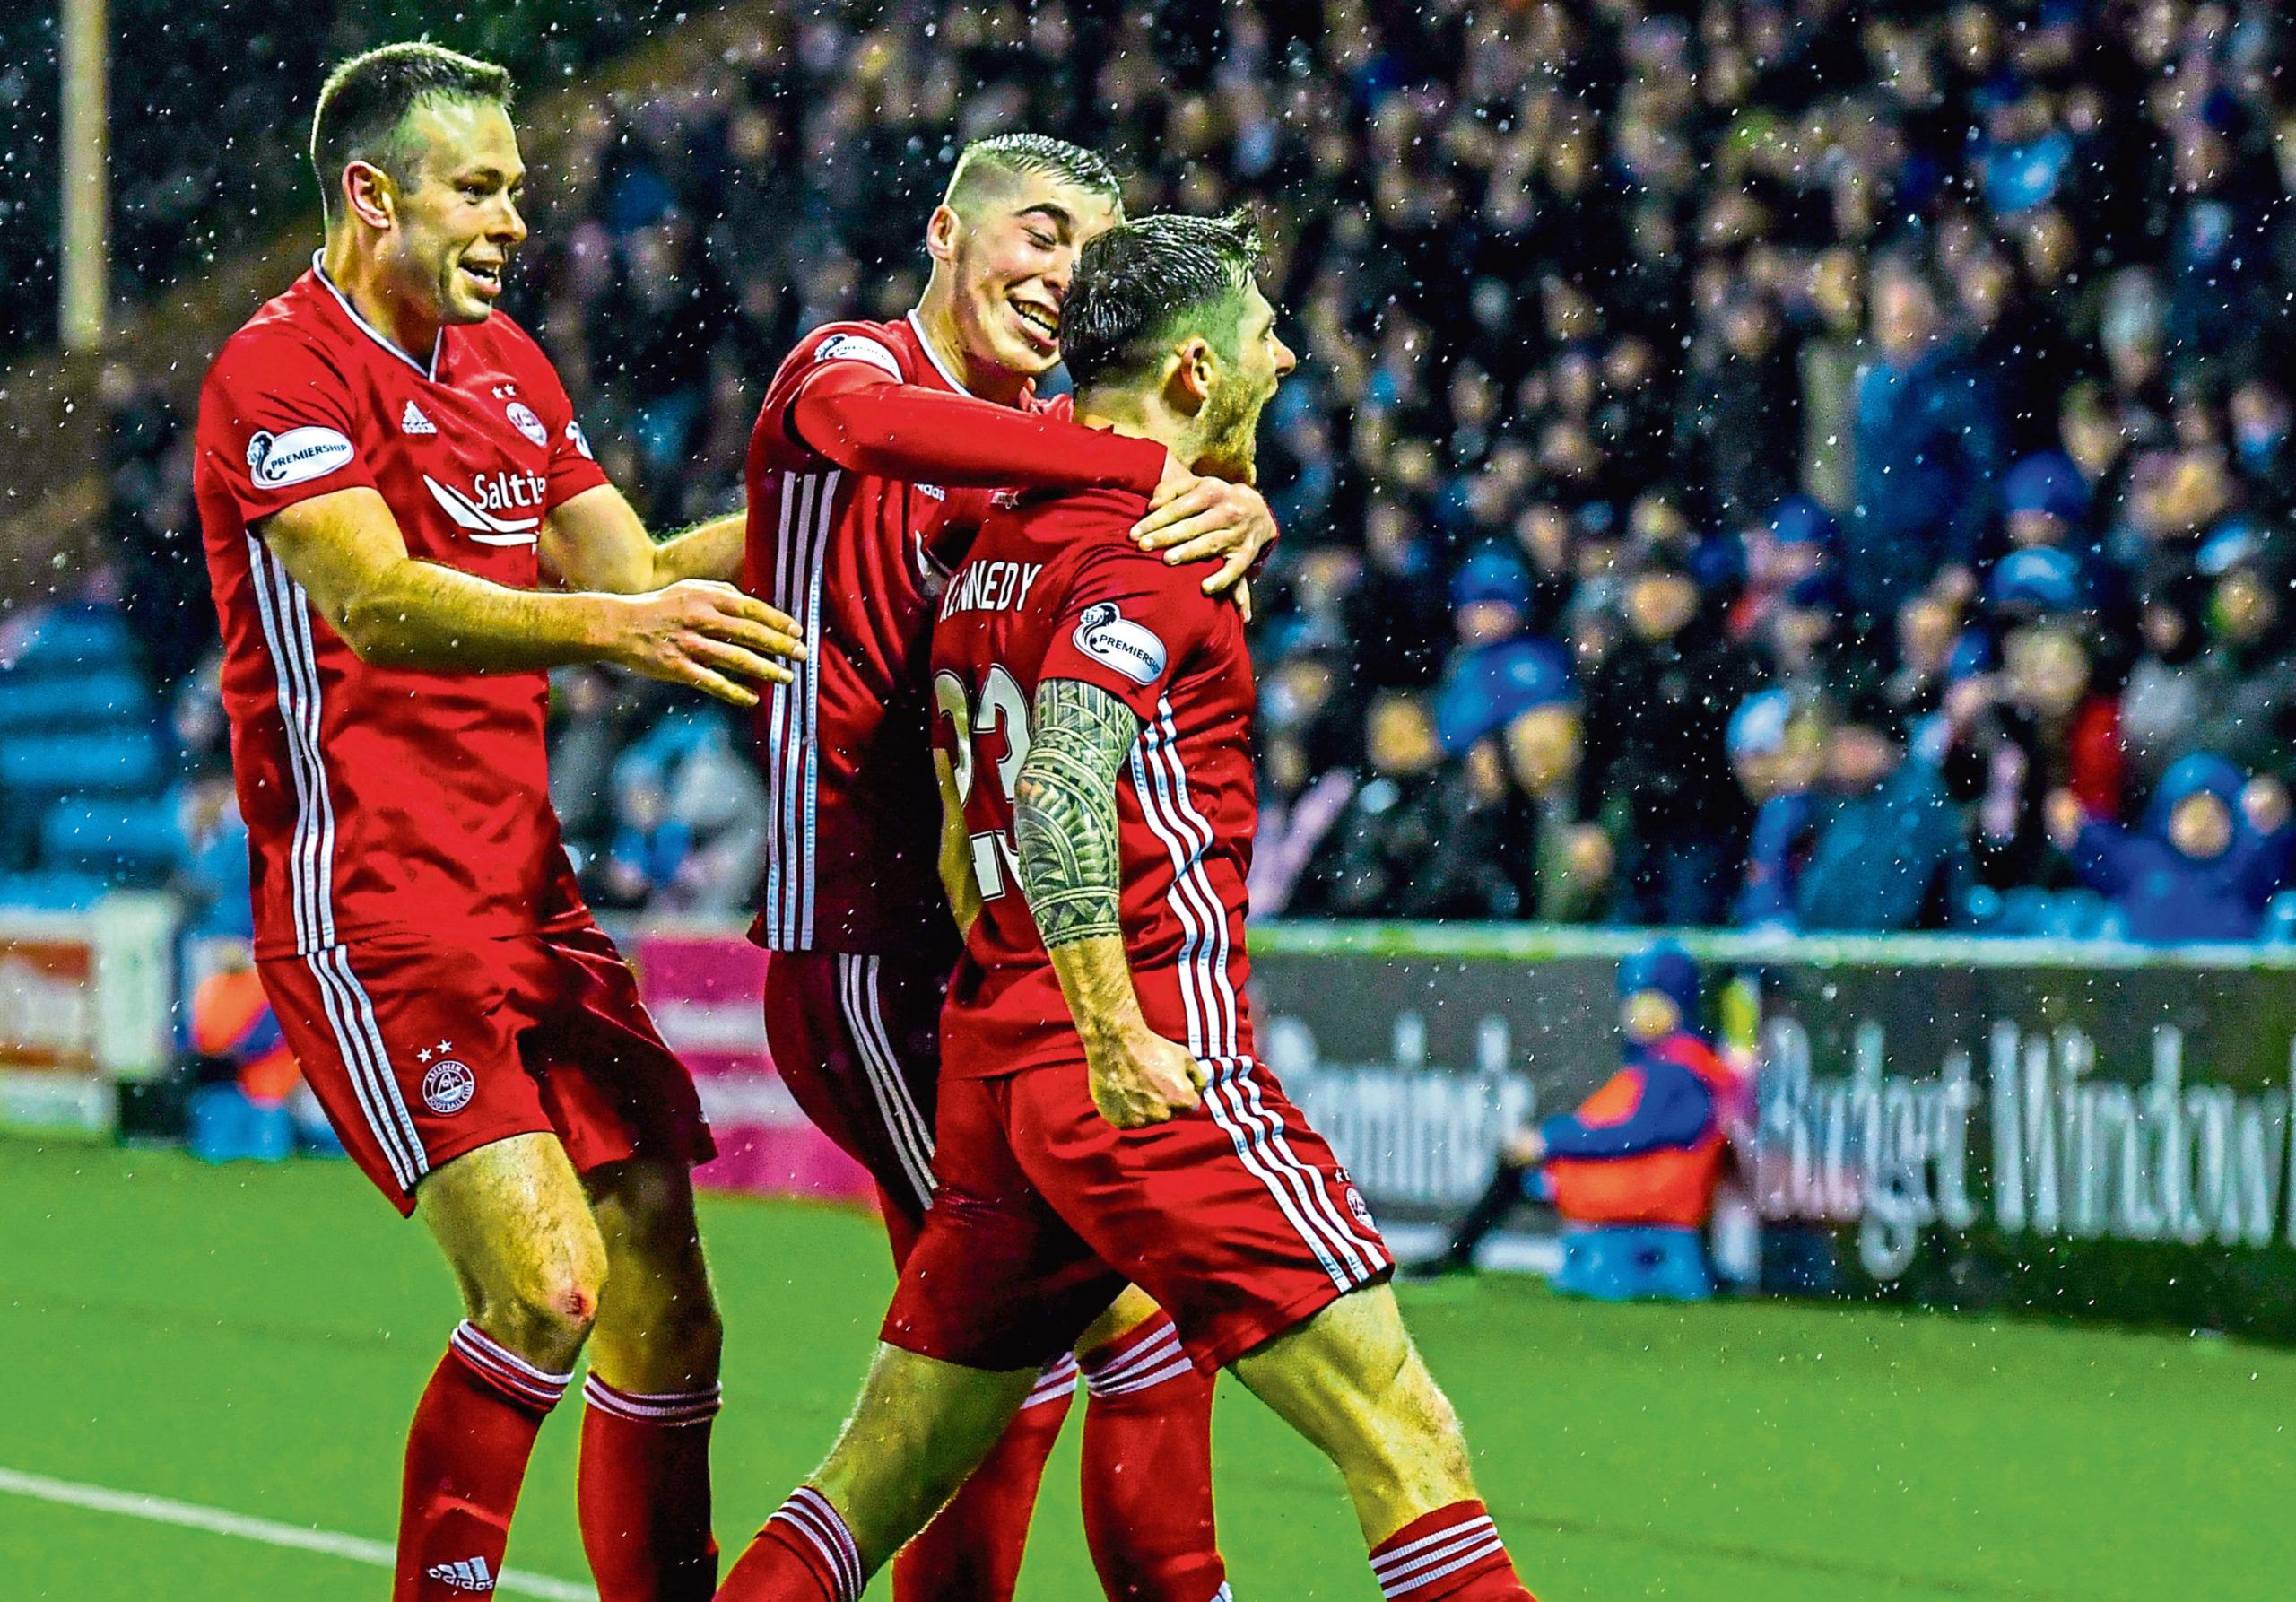 Matty Kennedy is congratulated after scoring for Aberdeen.